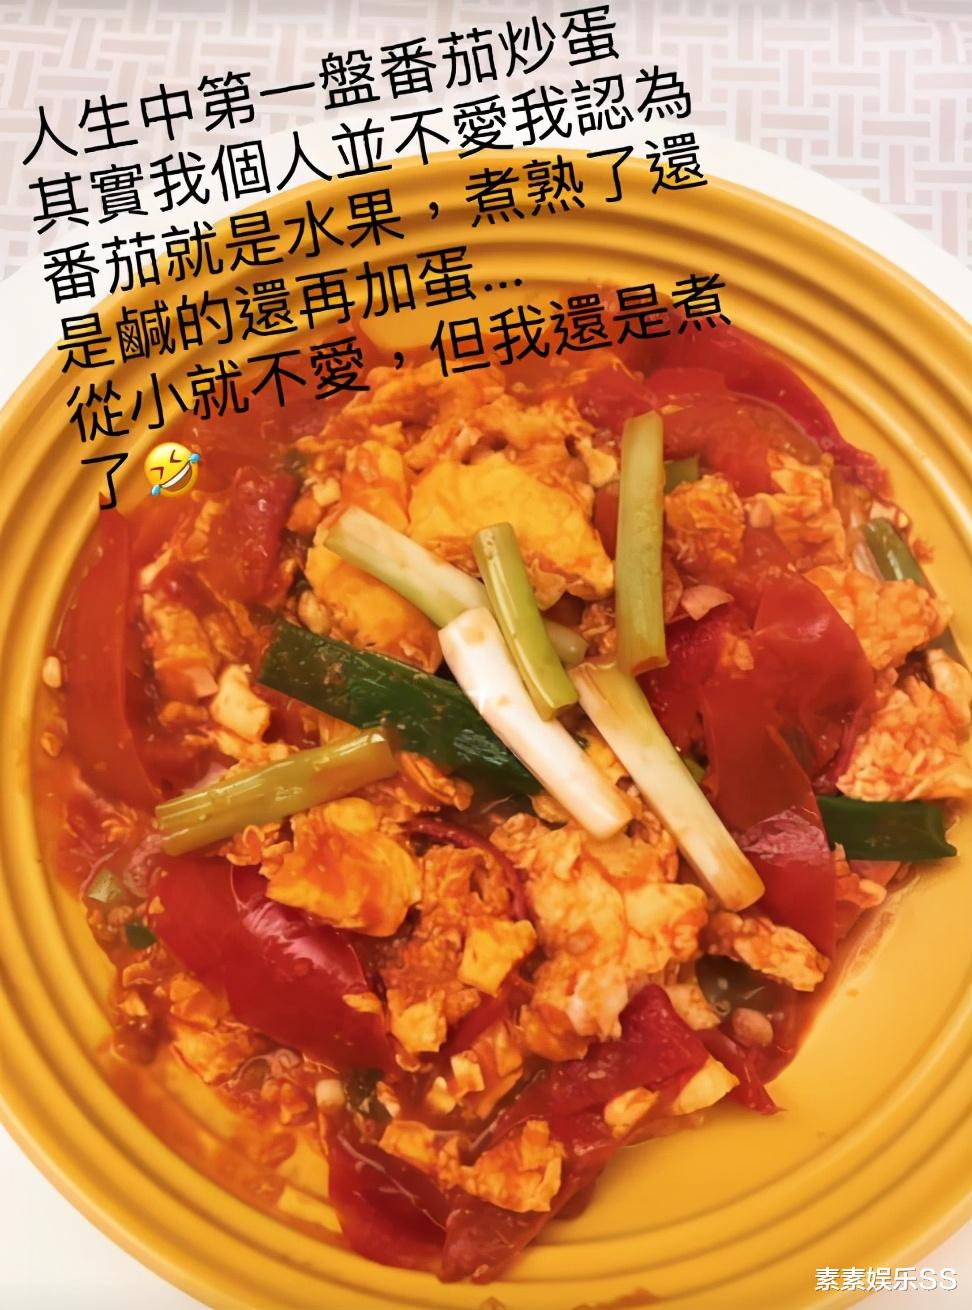 林心如做美食翻车,一碗番茄炒蛋被吐槽,感受像是水煮的一样_今日最新娱乐新闻